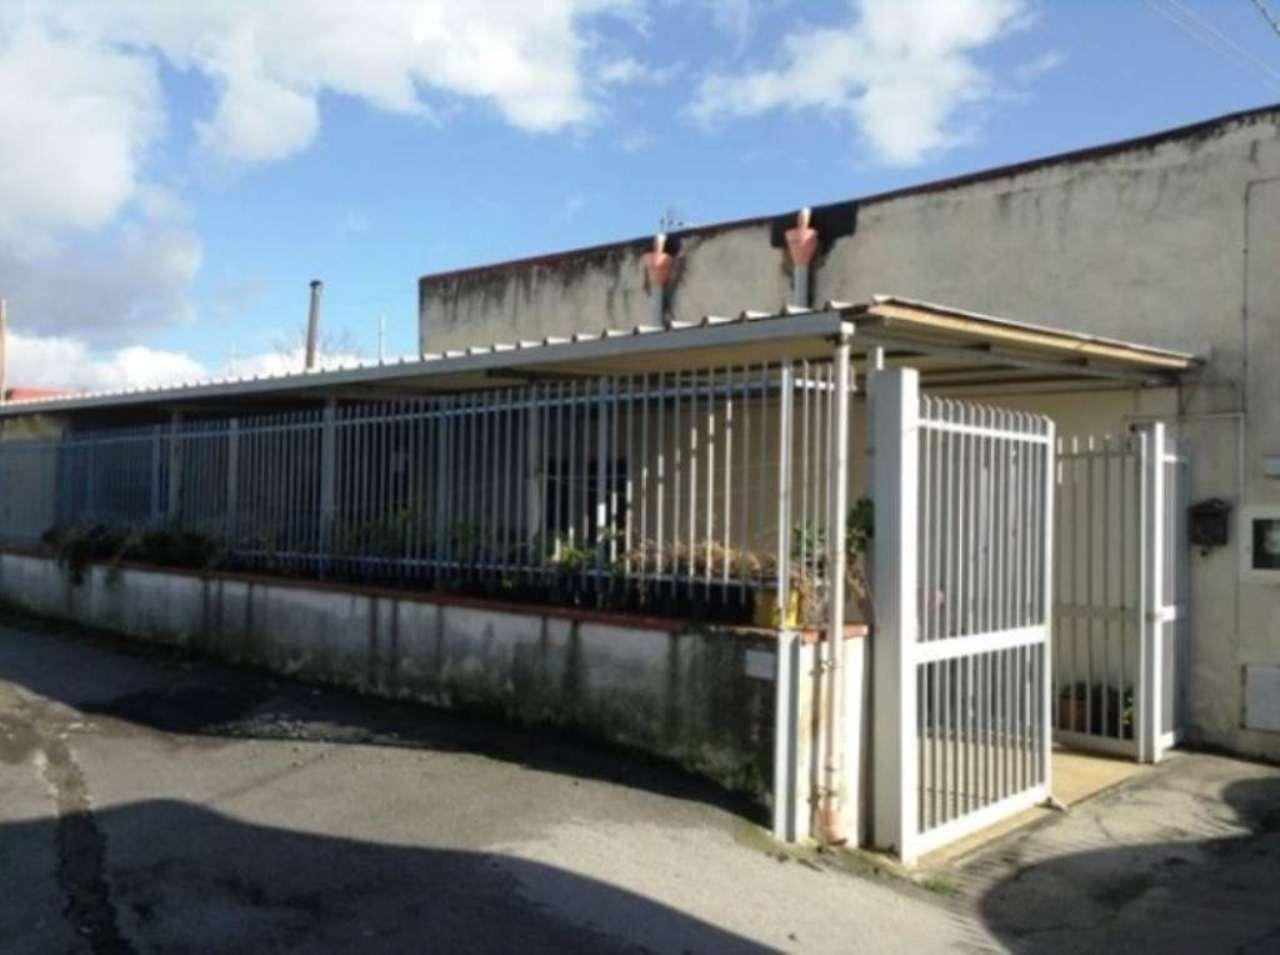 Rustico / Casale in vendita a Torre del Greco, 3 locali, prezzo € 185.000 | Cambio Casa.it